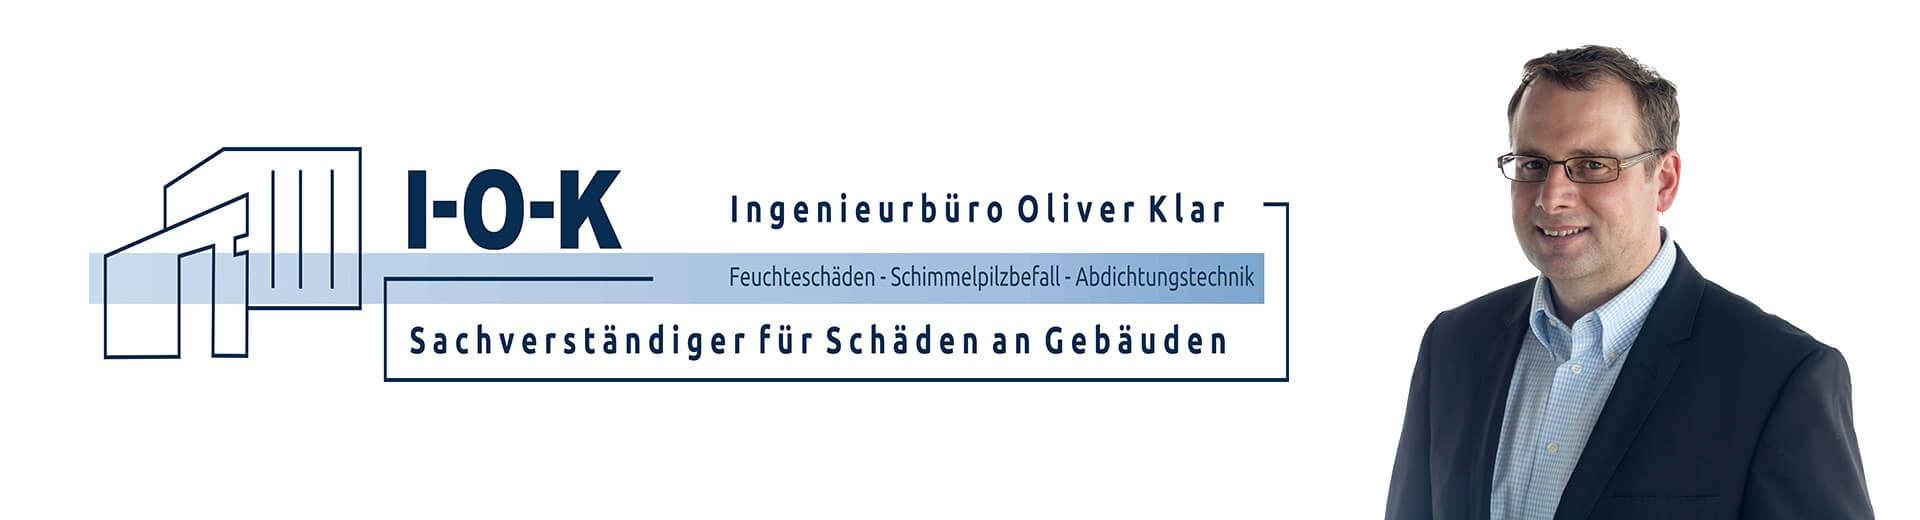 Sachverständigenbüro I-O-K, Oliver Klar